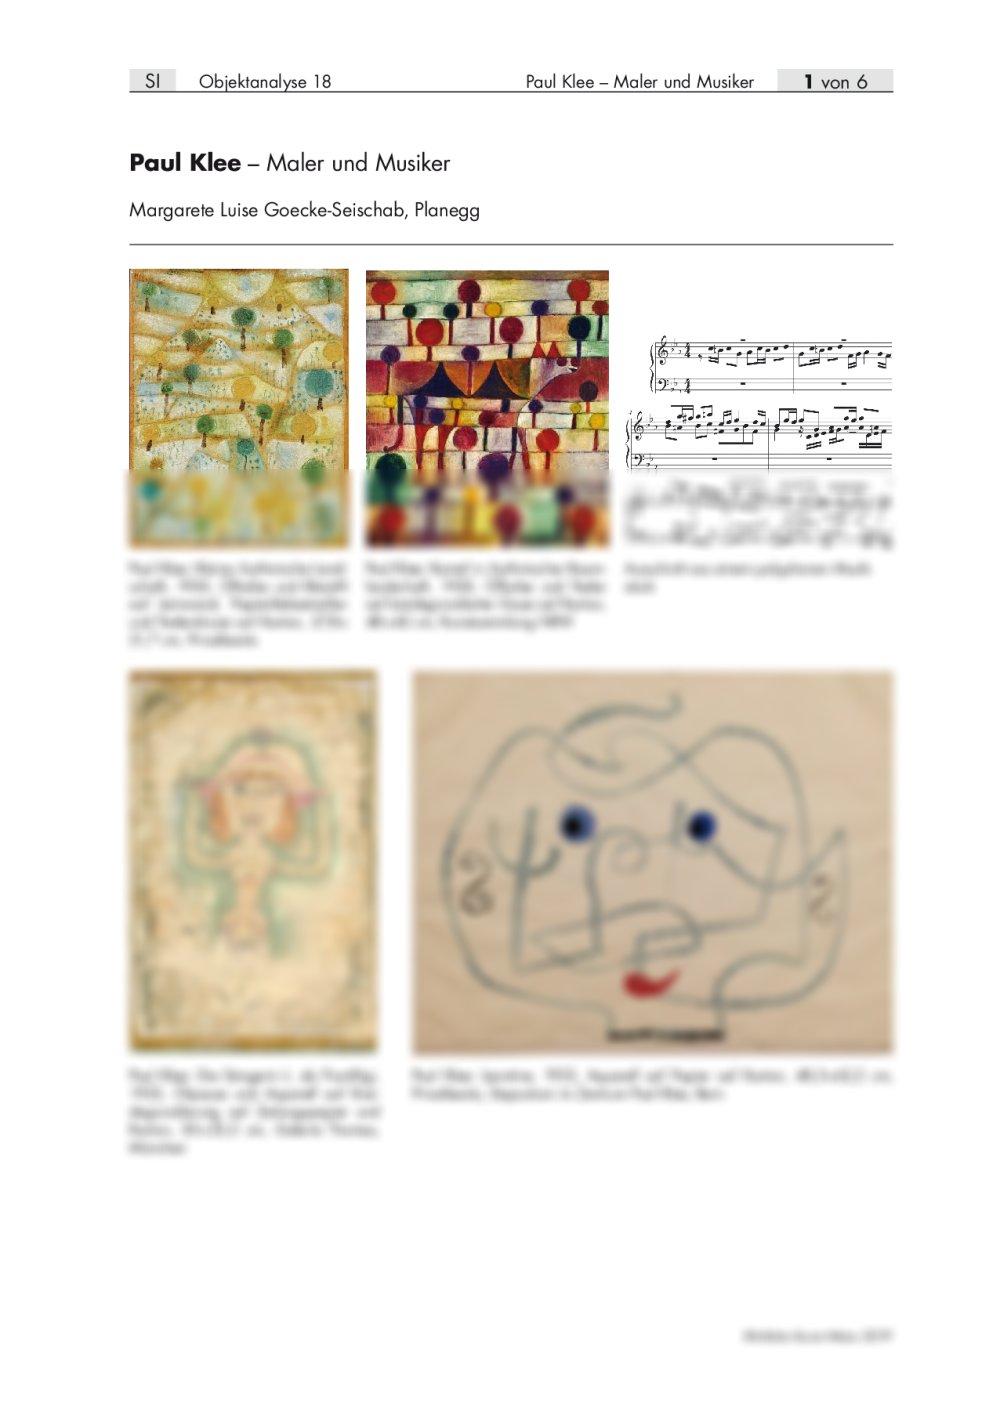 Paul Klee als Maler und Musiker - Seite 1